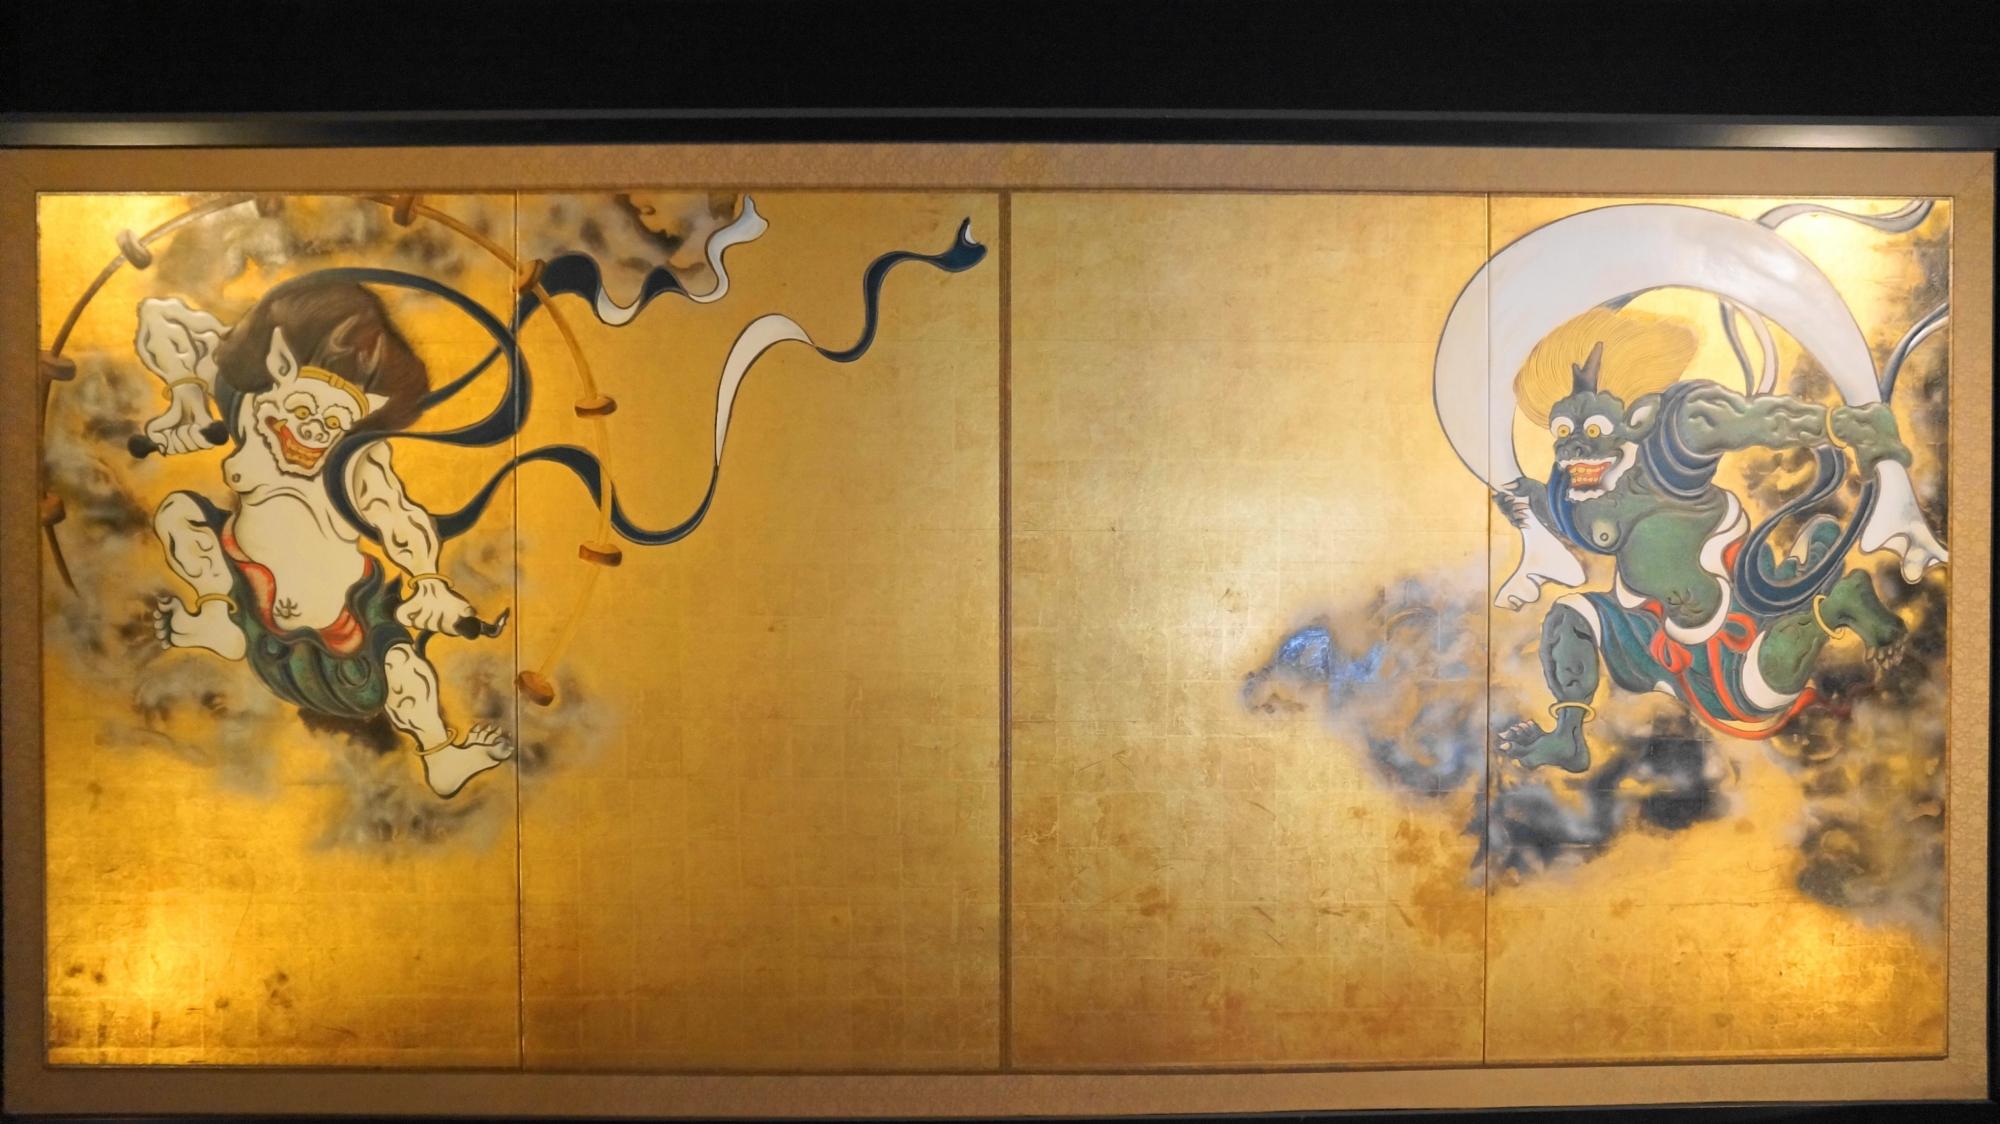 建仁寺の風神雷神図屏風(複製版)